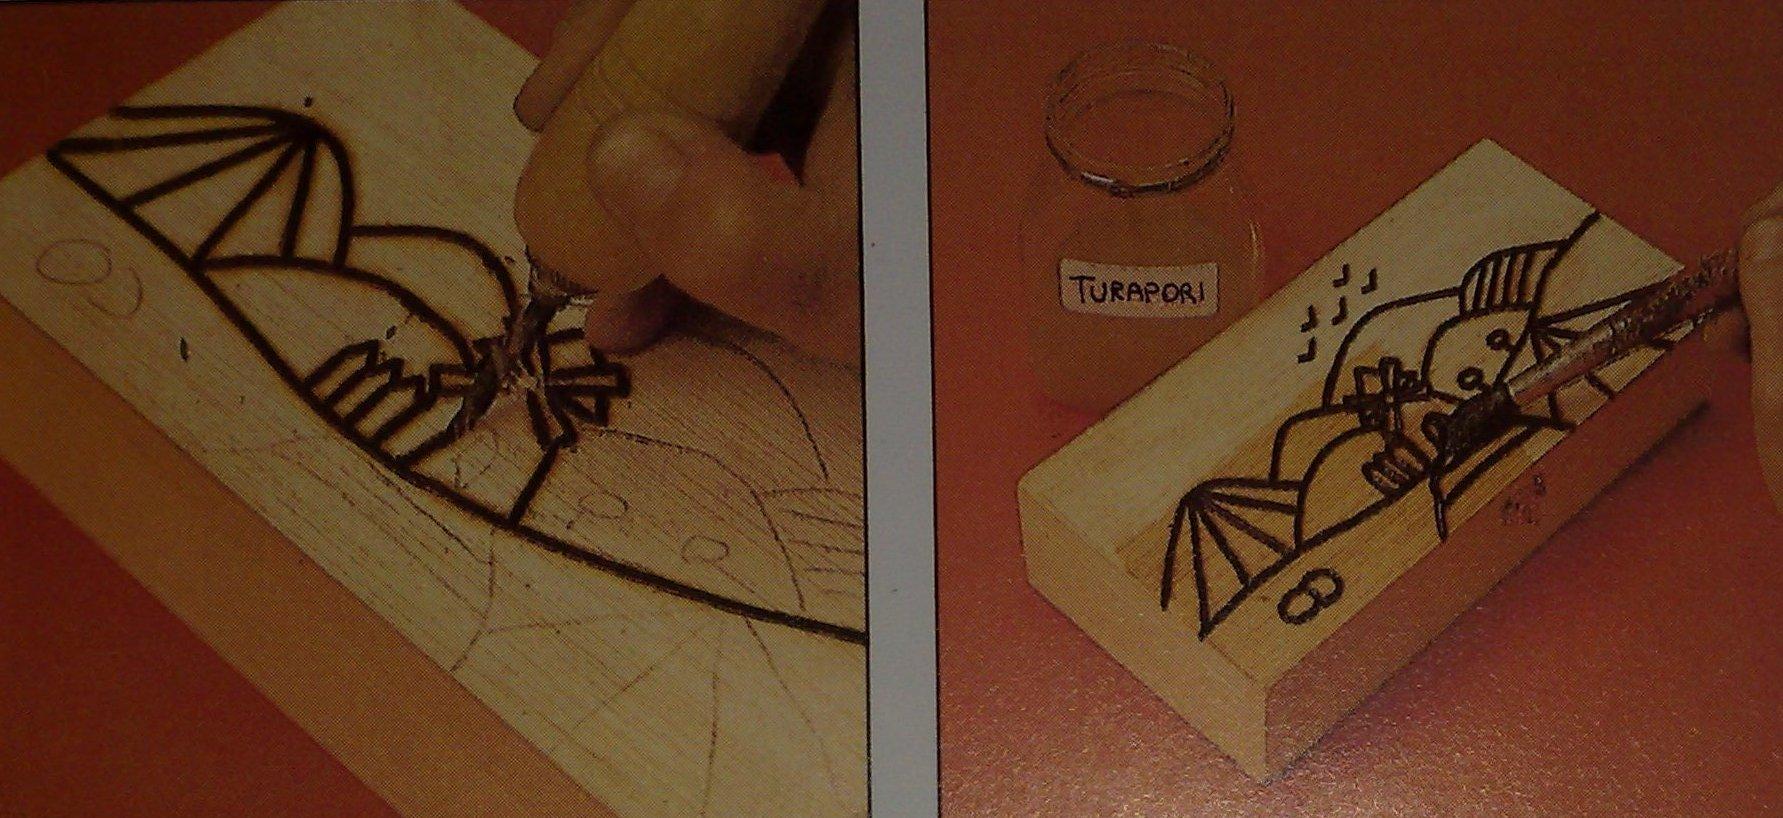 Come Scartavetrare Il Legno decorazione di una scatola di legno con l'uso del pirografo